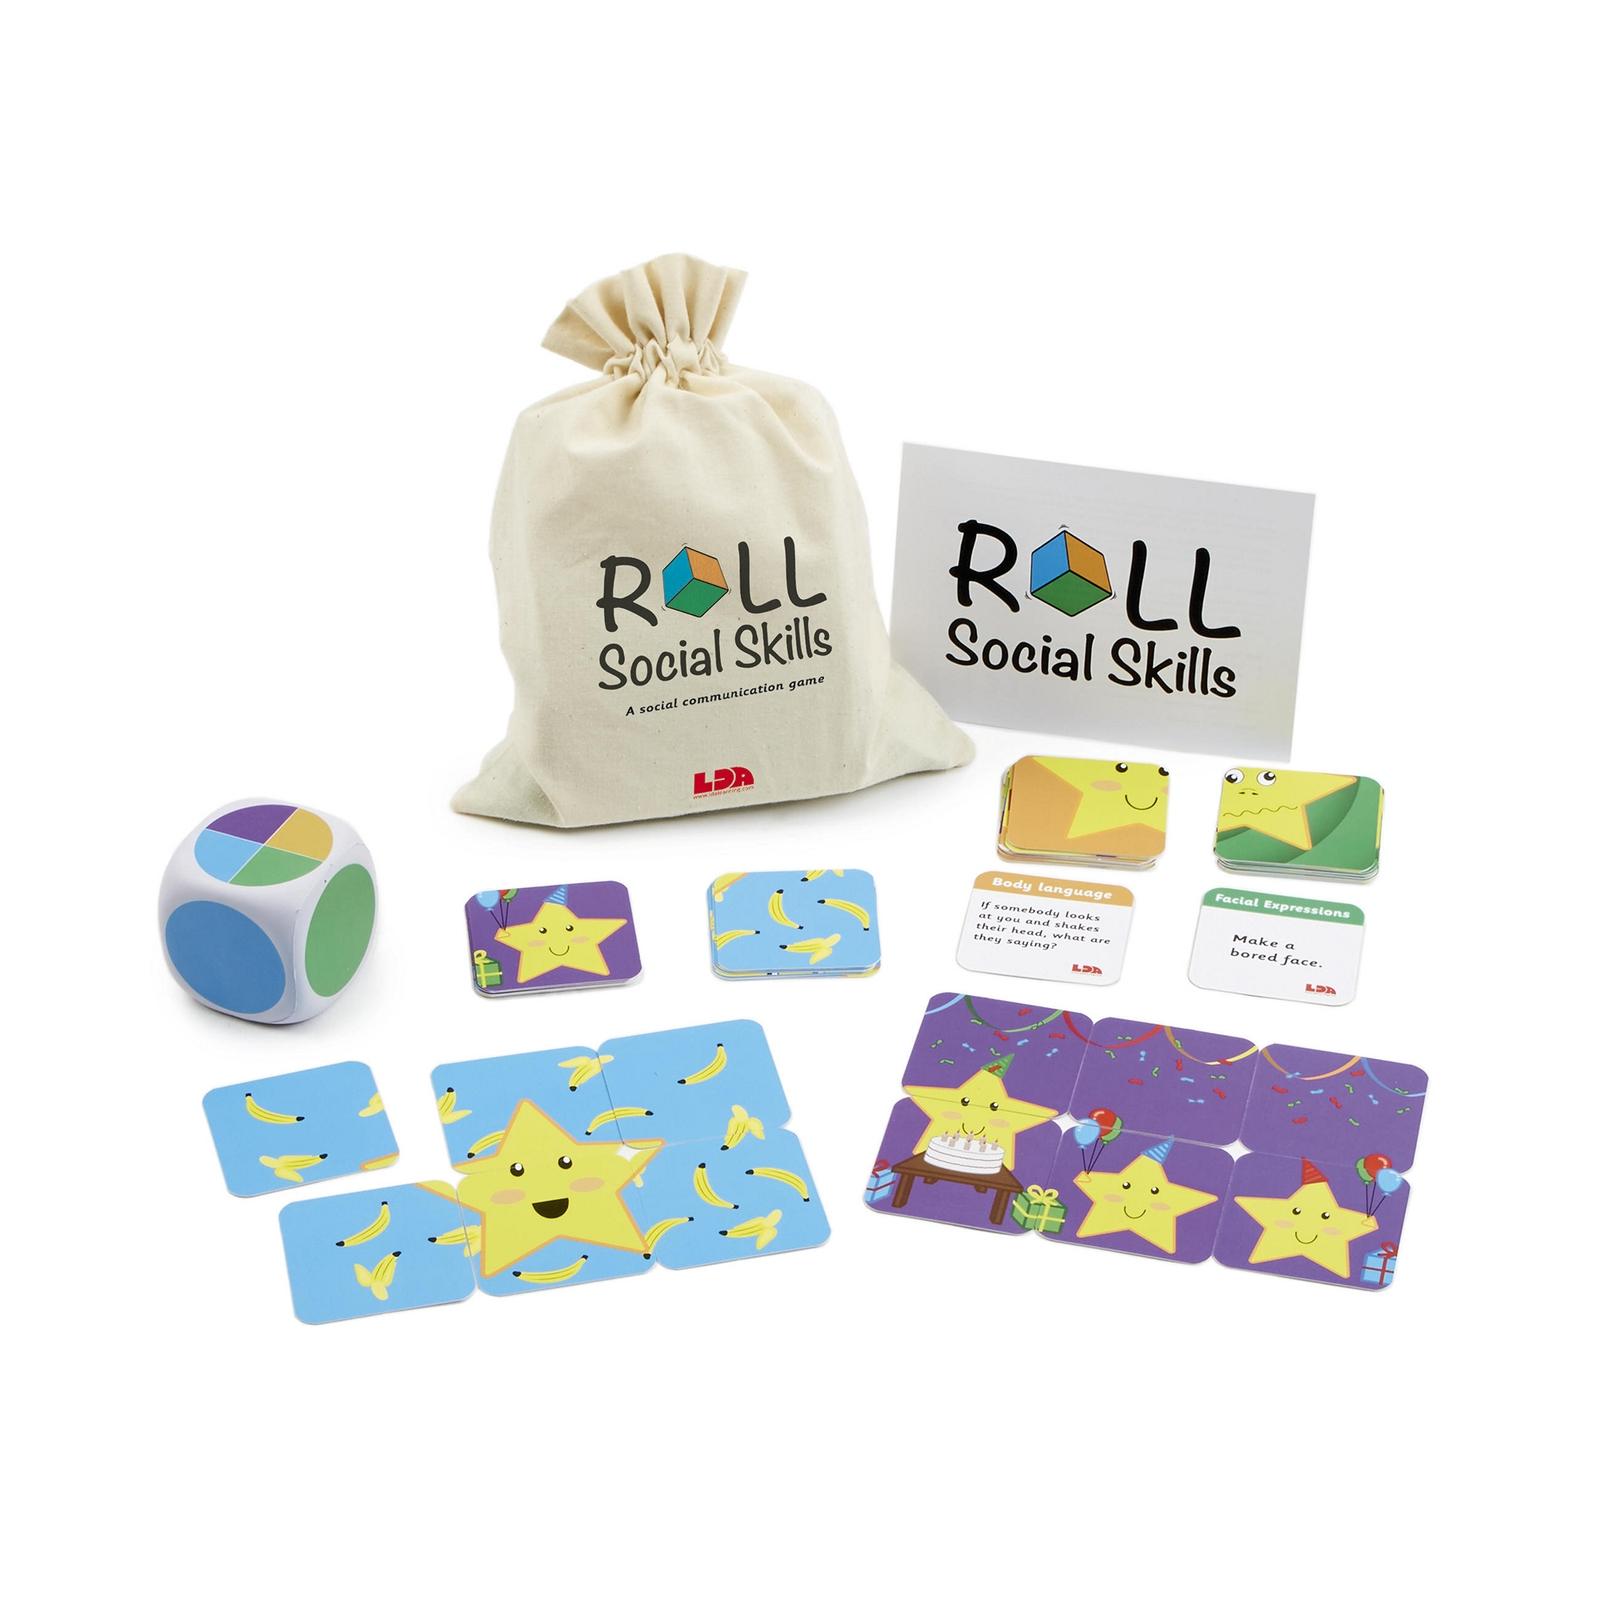 Roll Social Skills